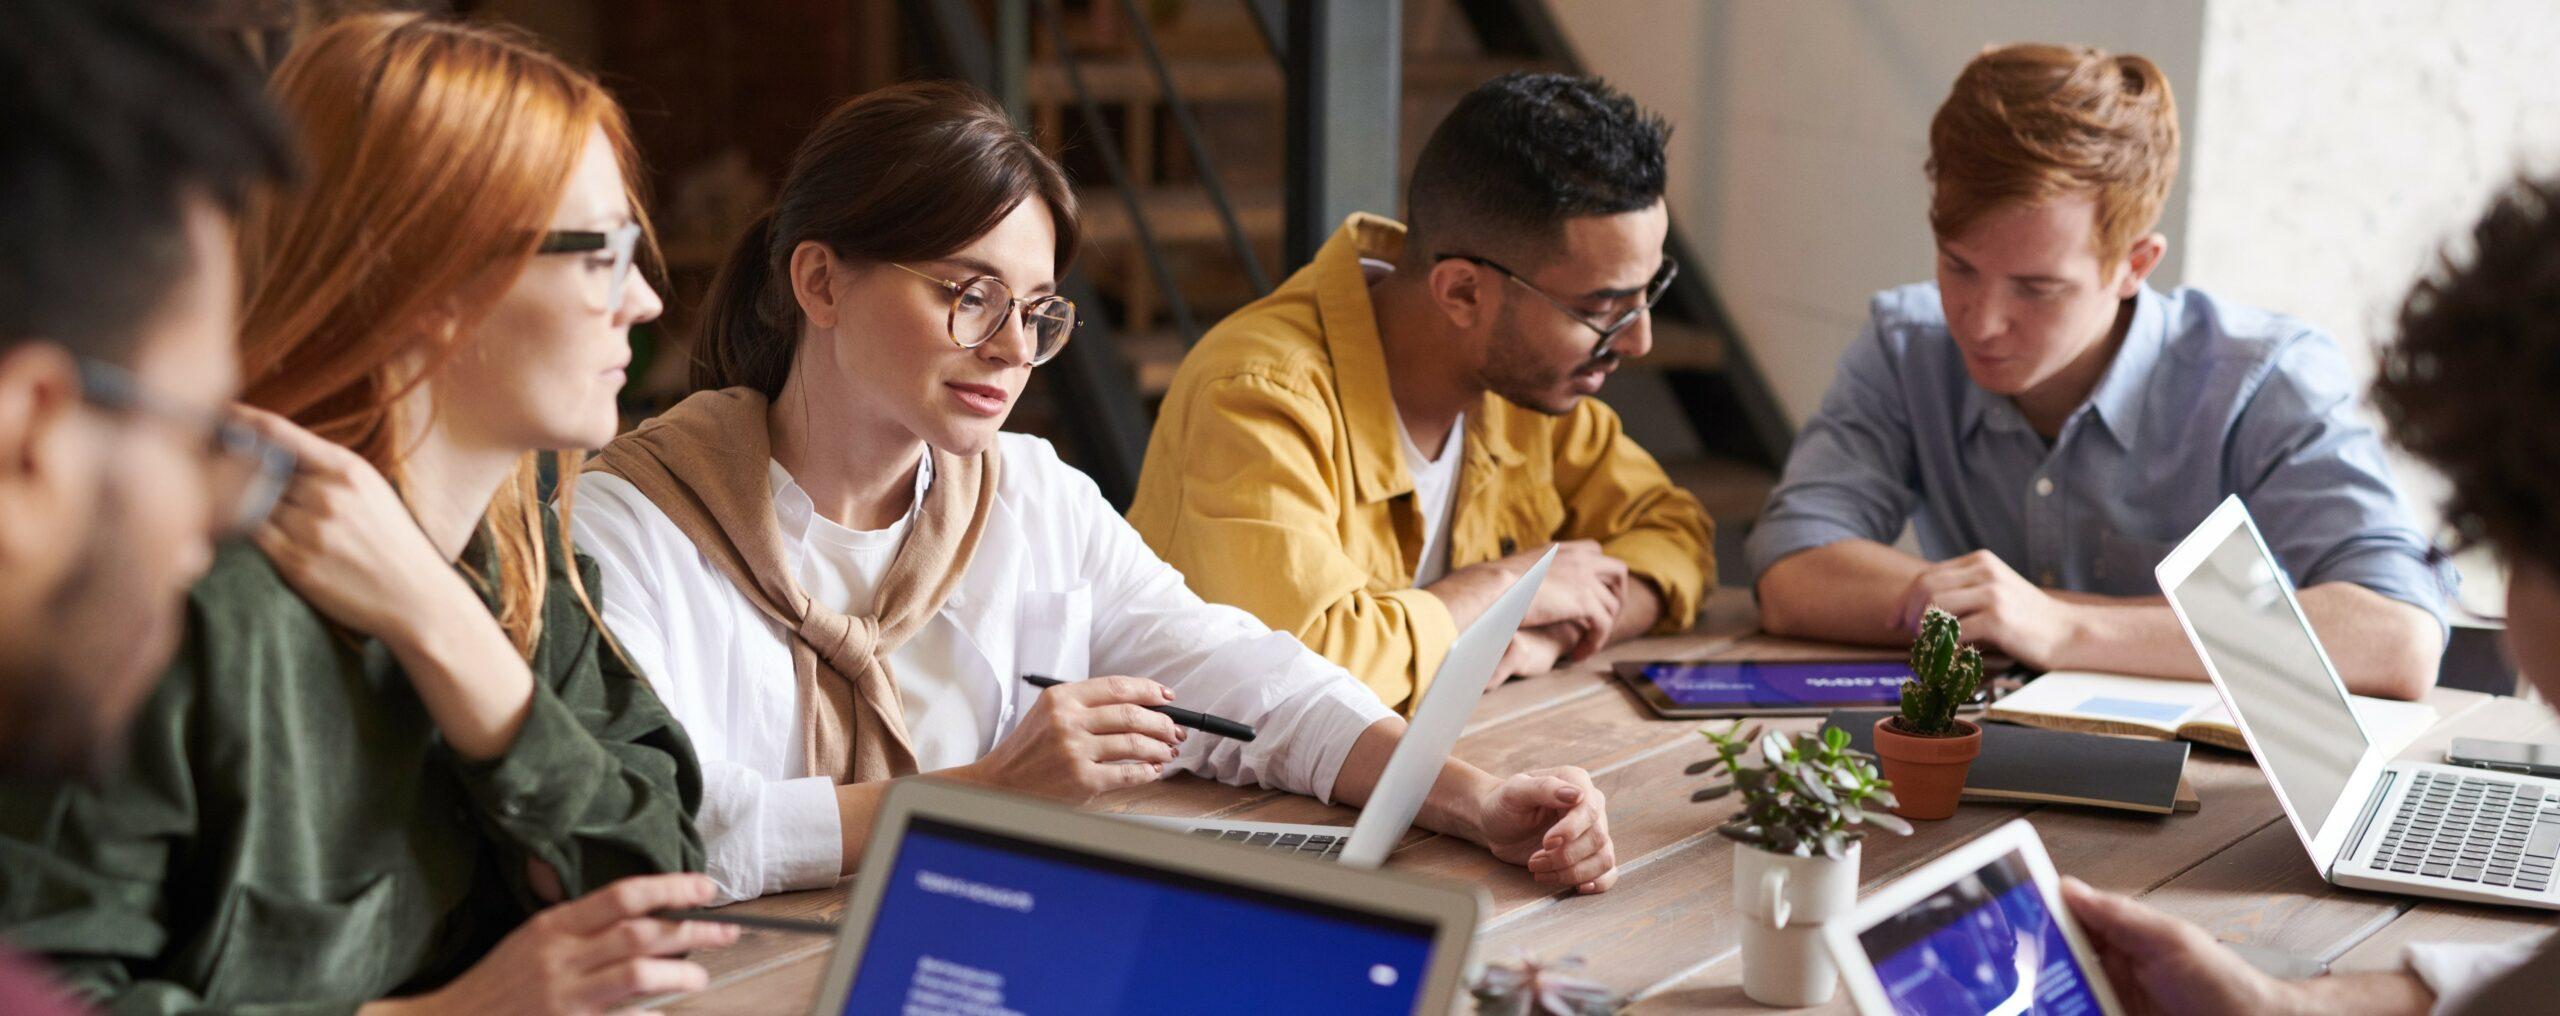 Eine Besprechung, bei der mehrere Personen auf Computer schauen.